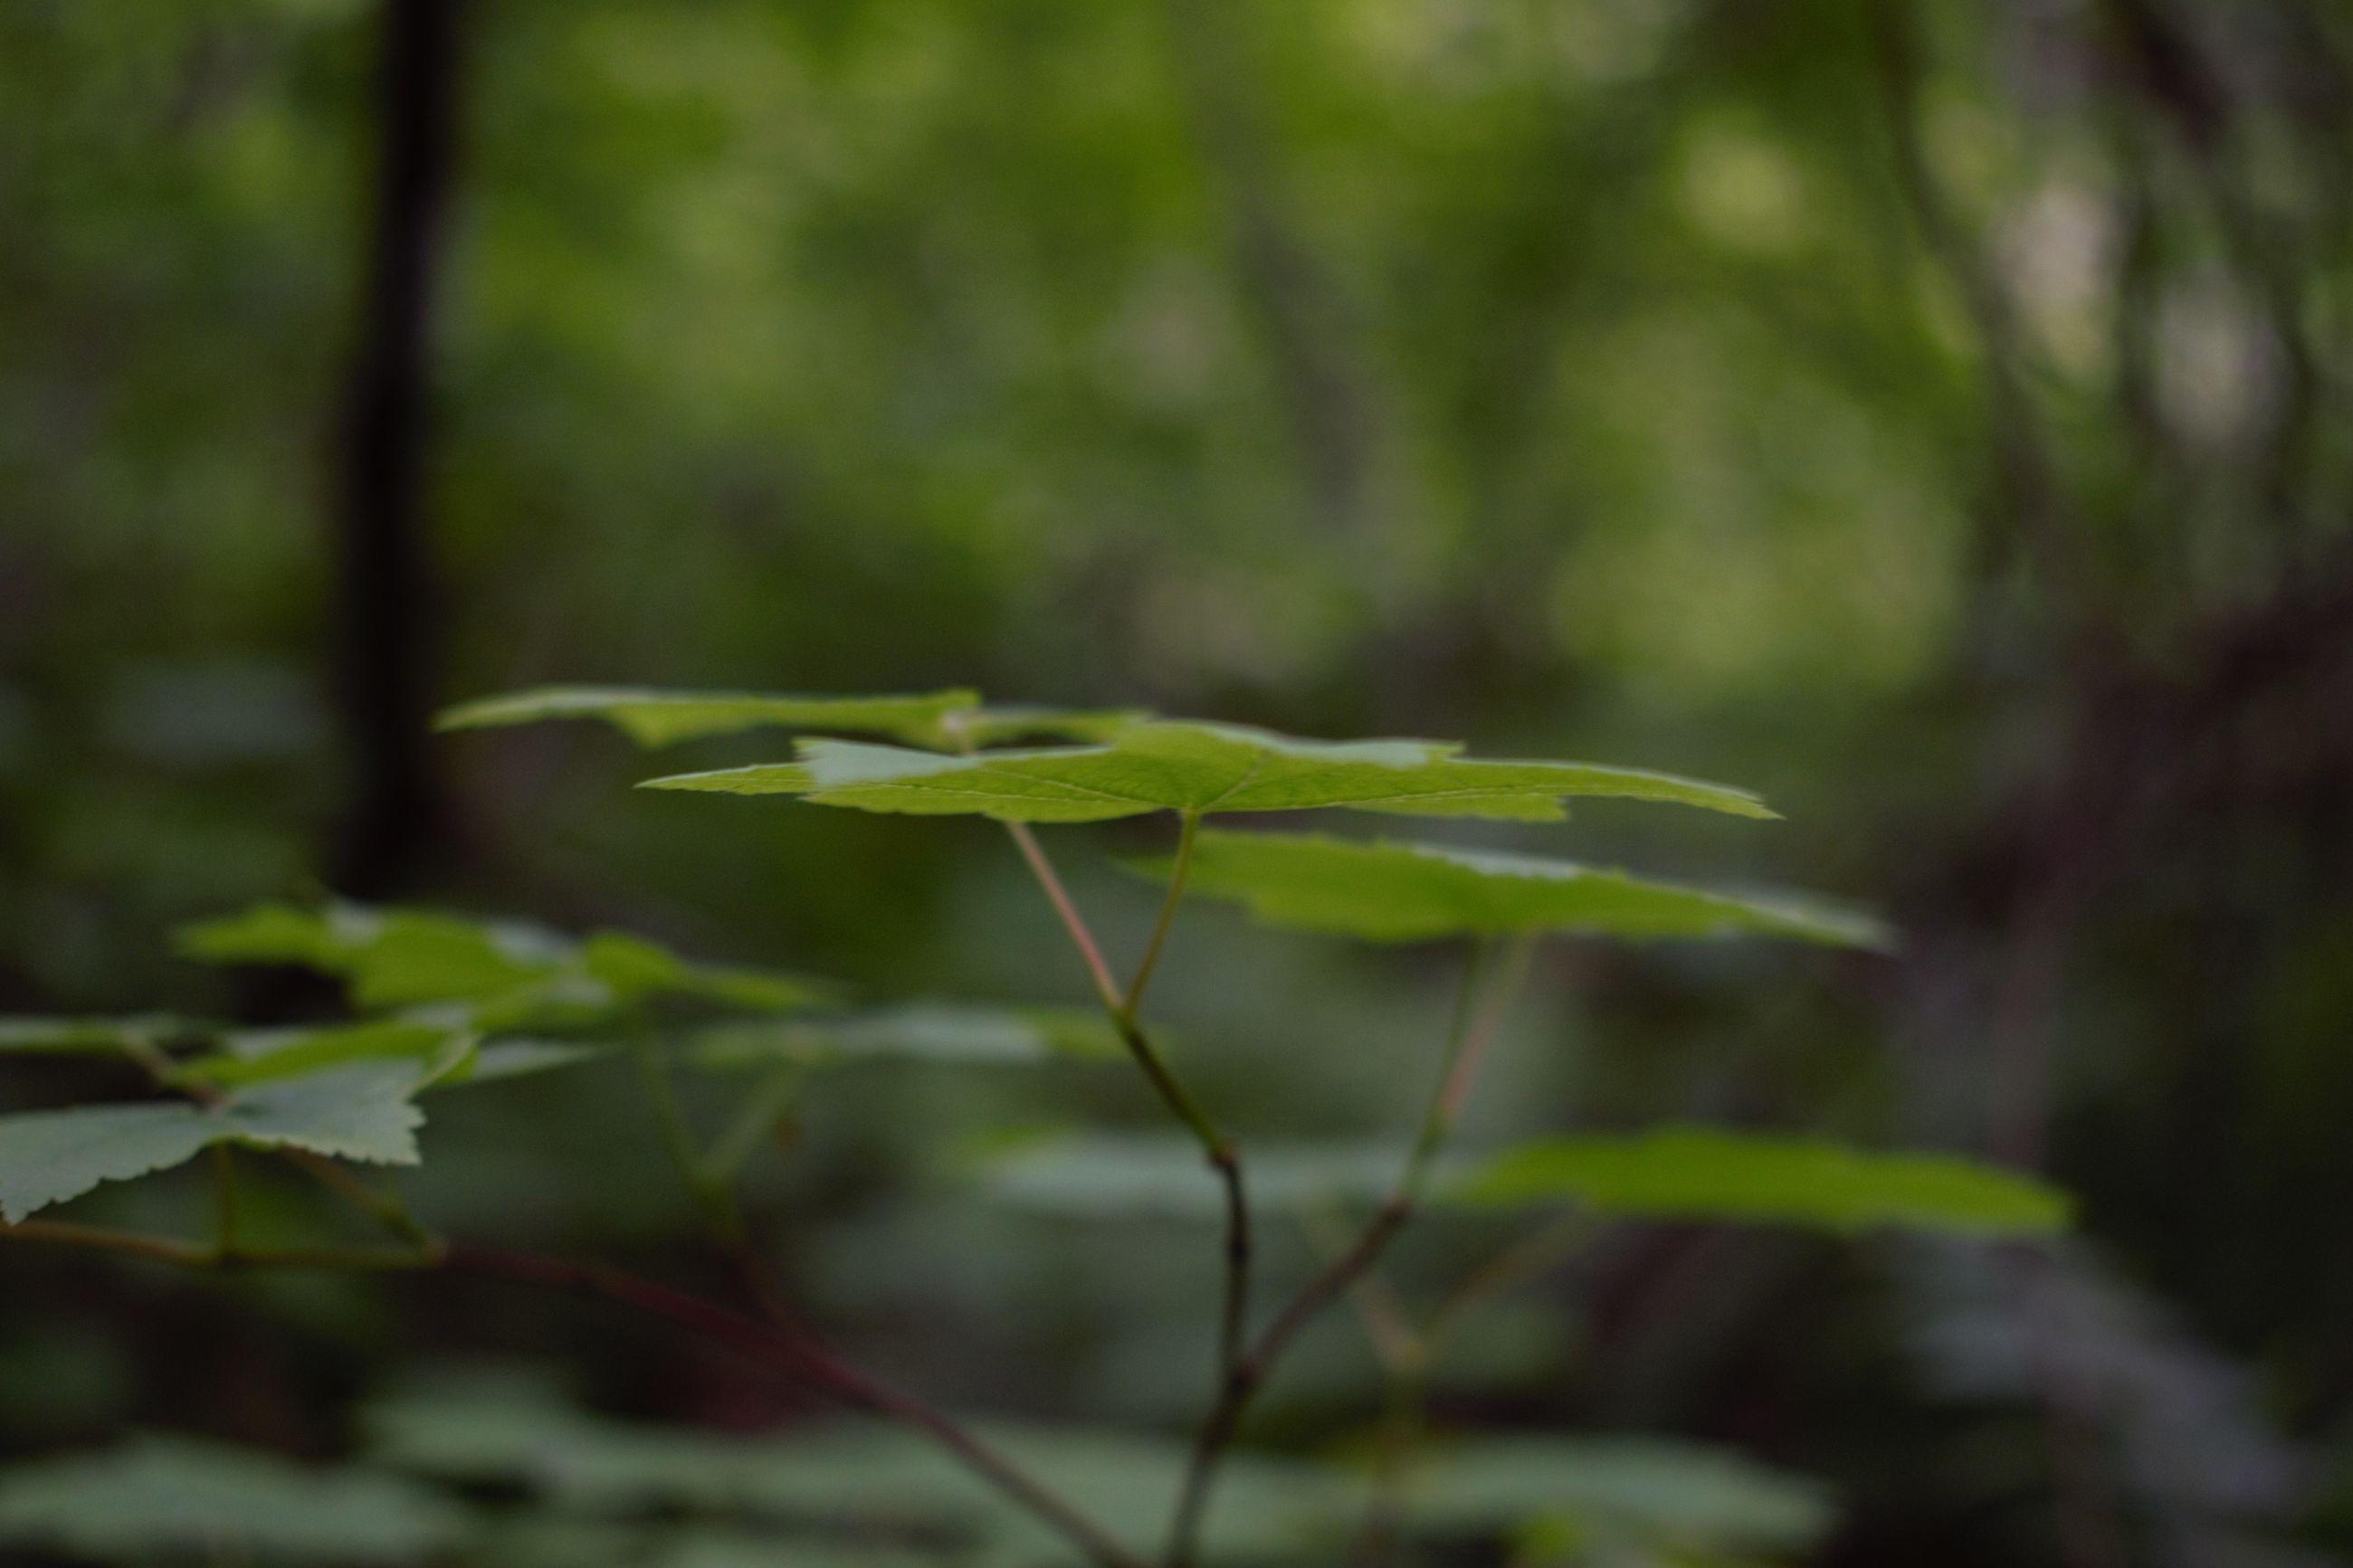 Close-up of leaf on land